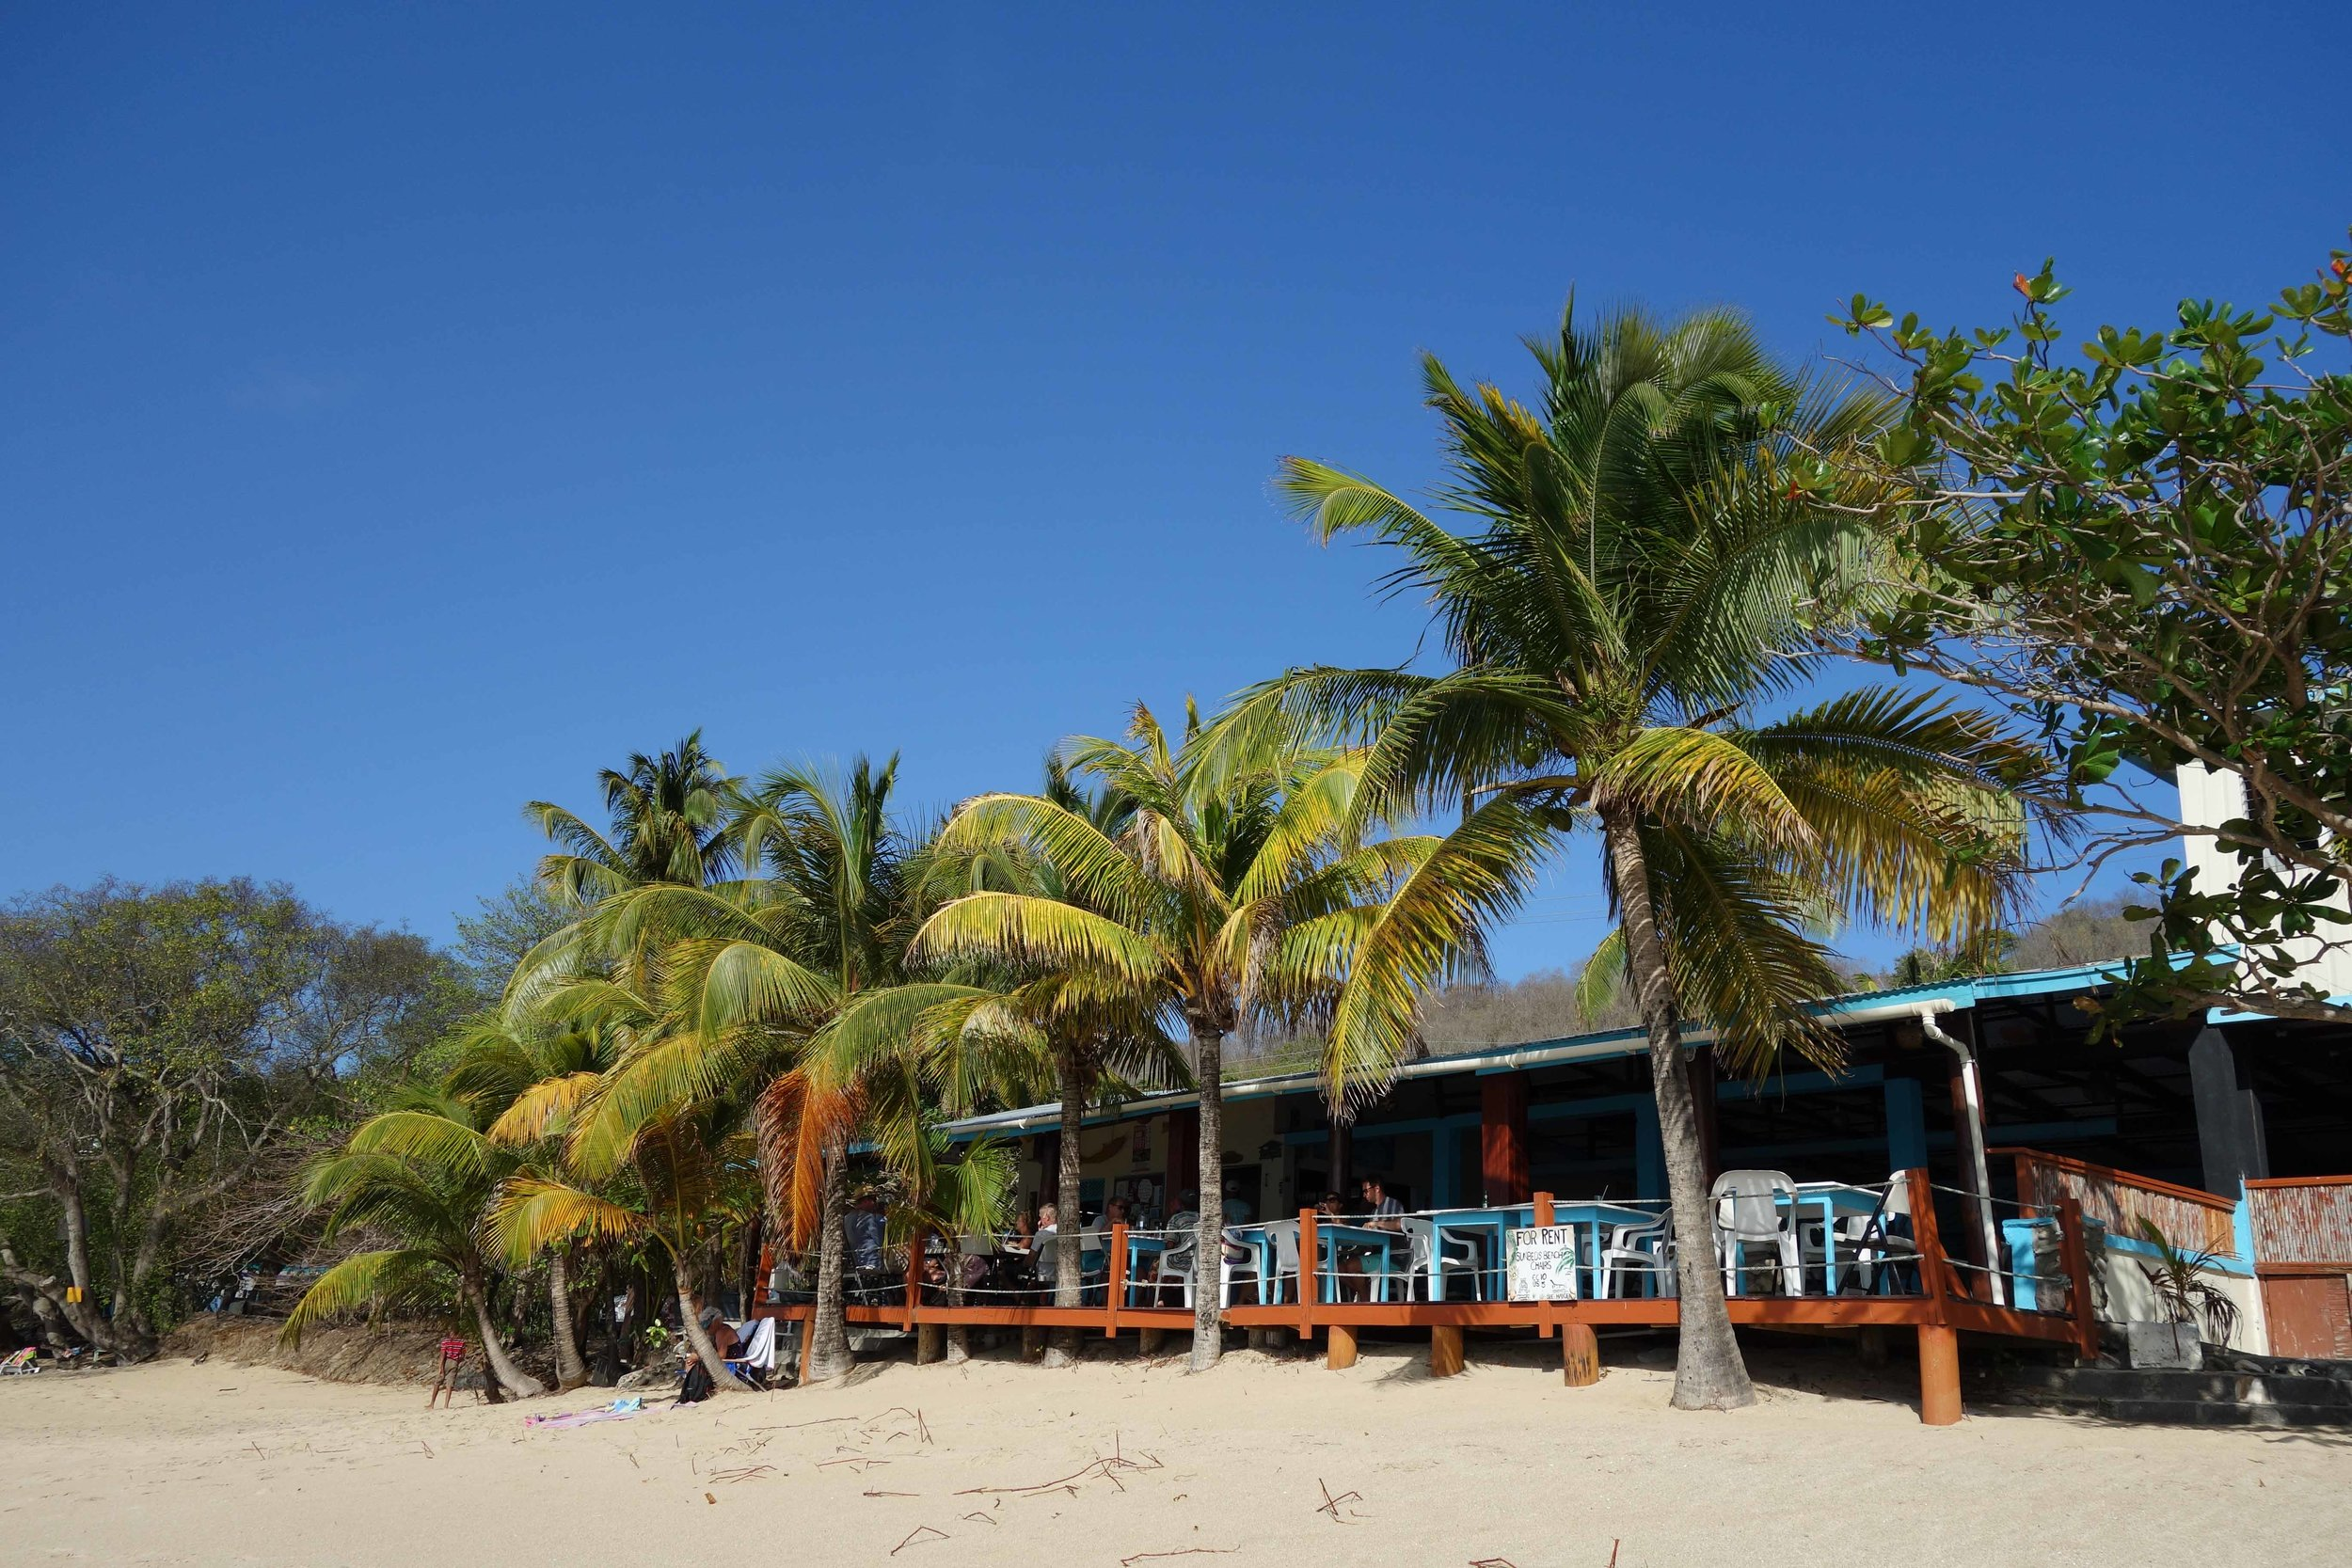 De Reef Restaurant & Bar